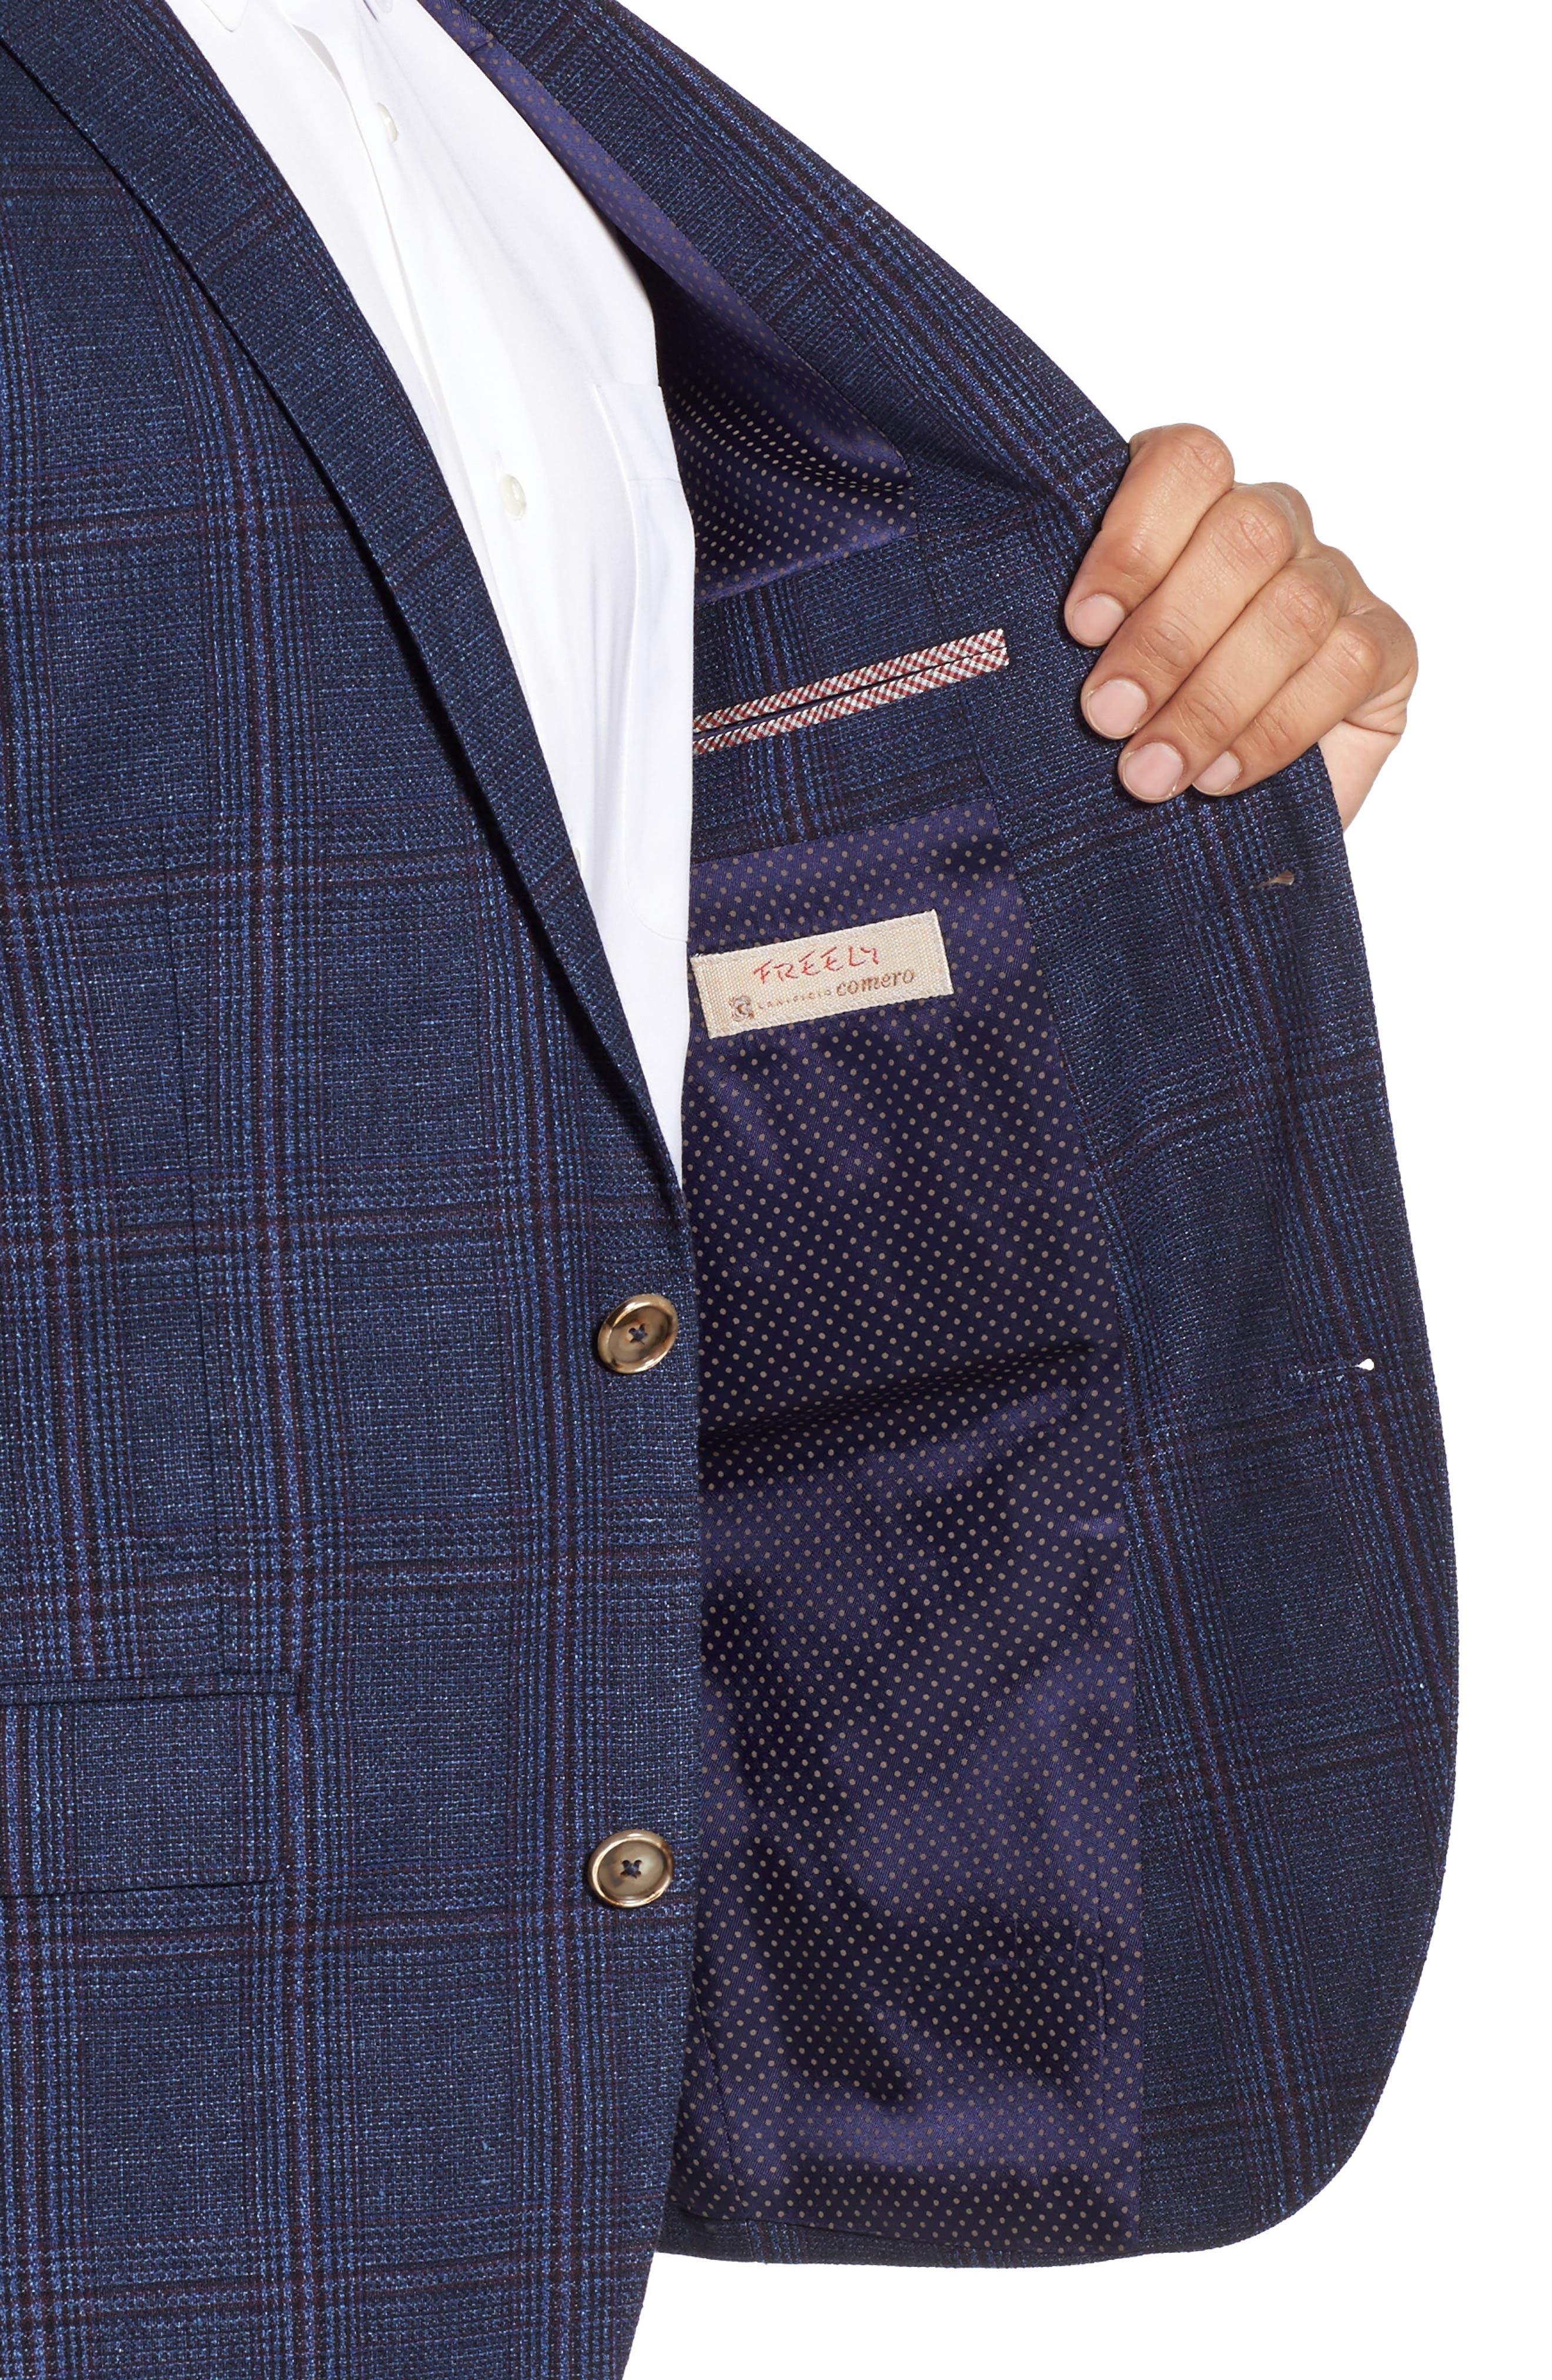 Trim Fit Plaid Linen & Wool Sport Coat,                             Alternate thumbnail 4, color,                             410